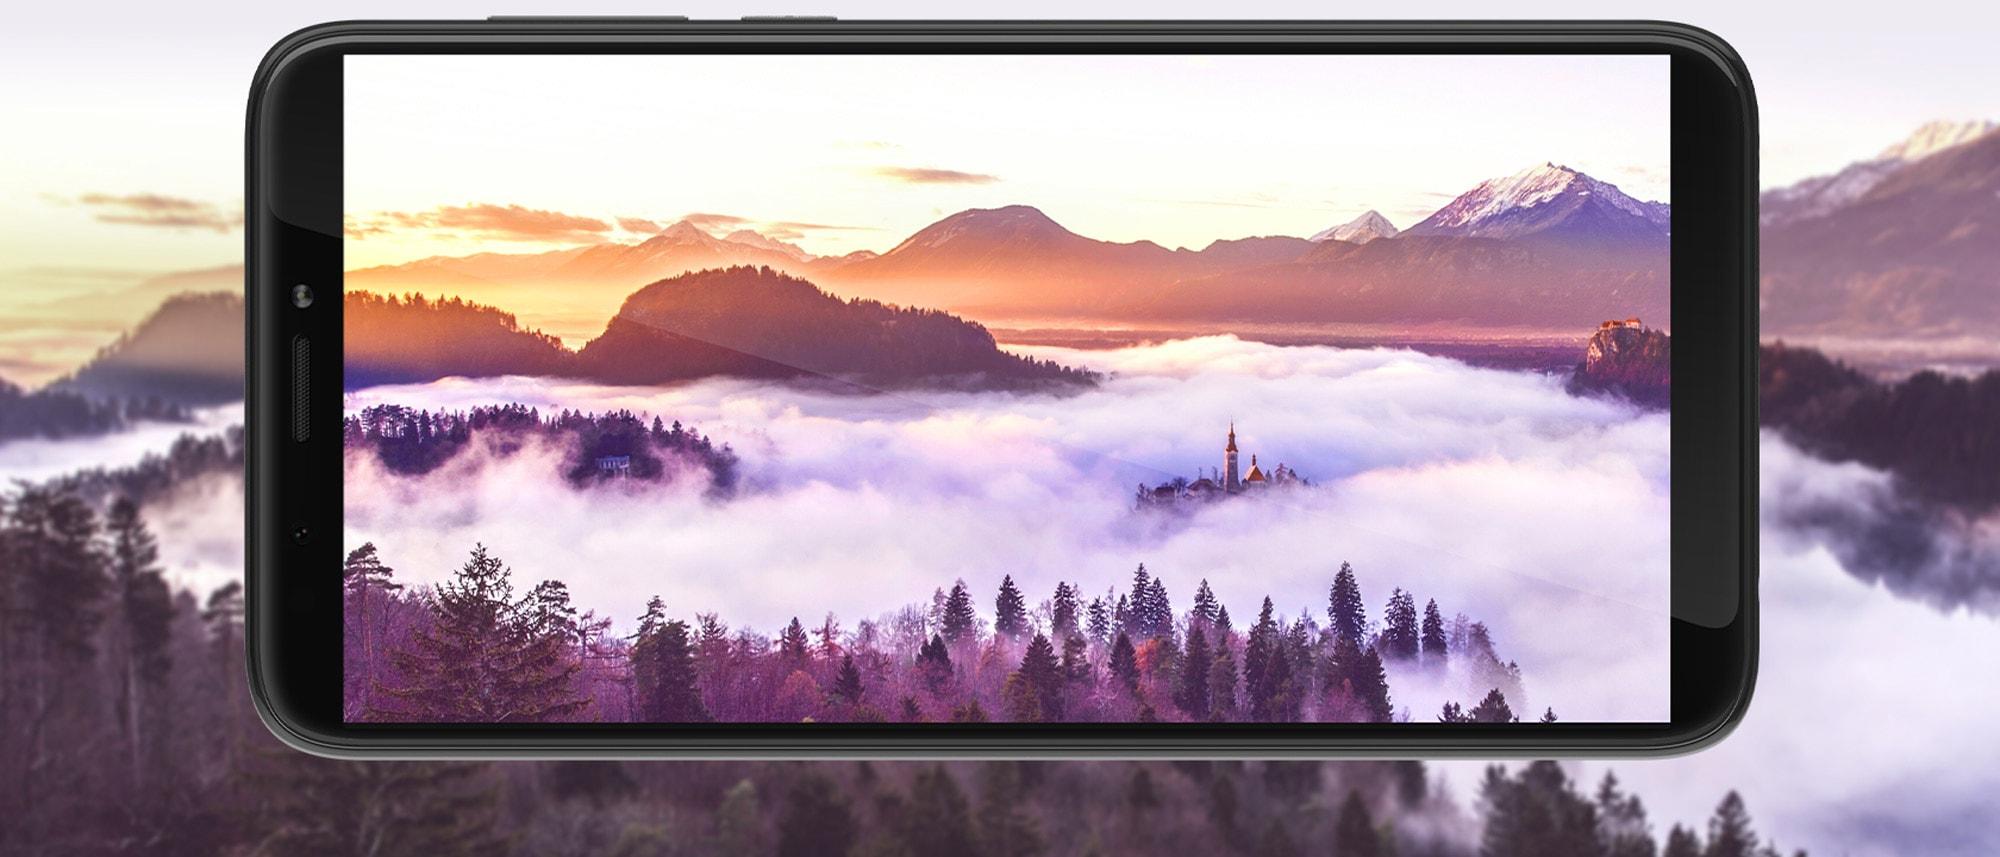 گوشی موبایل اچ تی سی مدل Desire 12